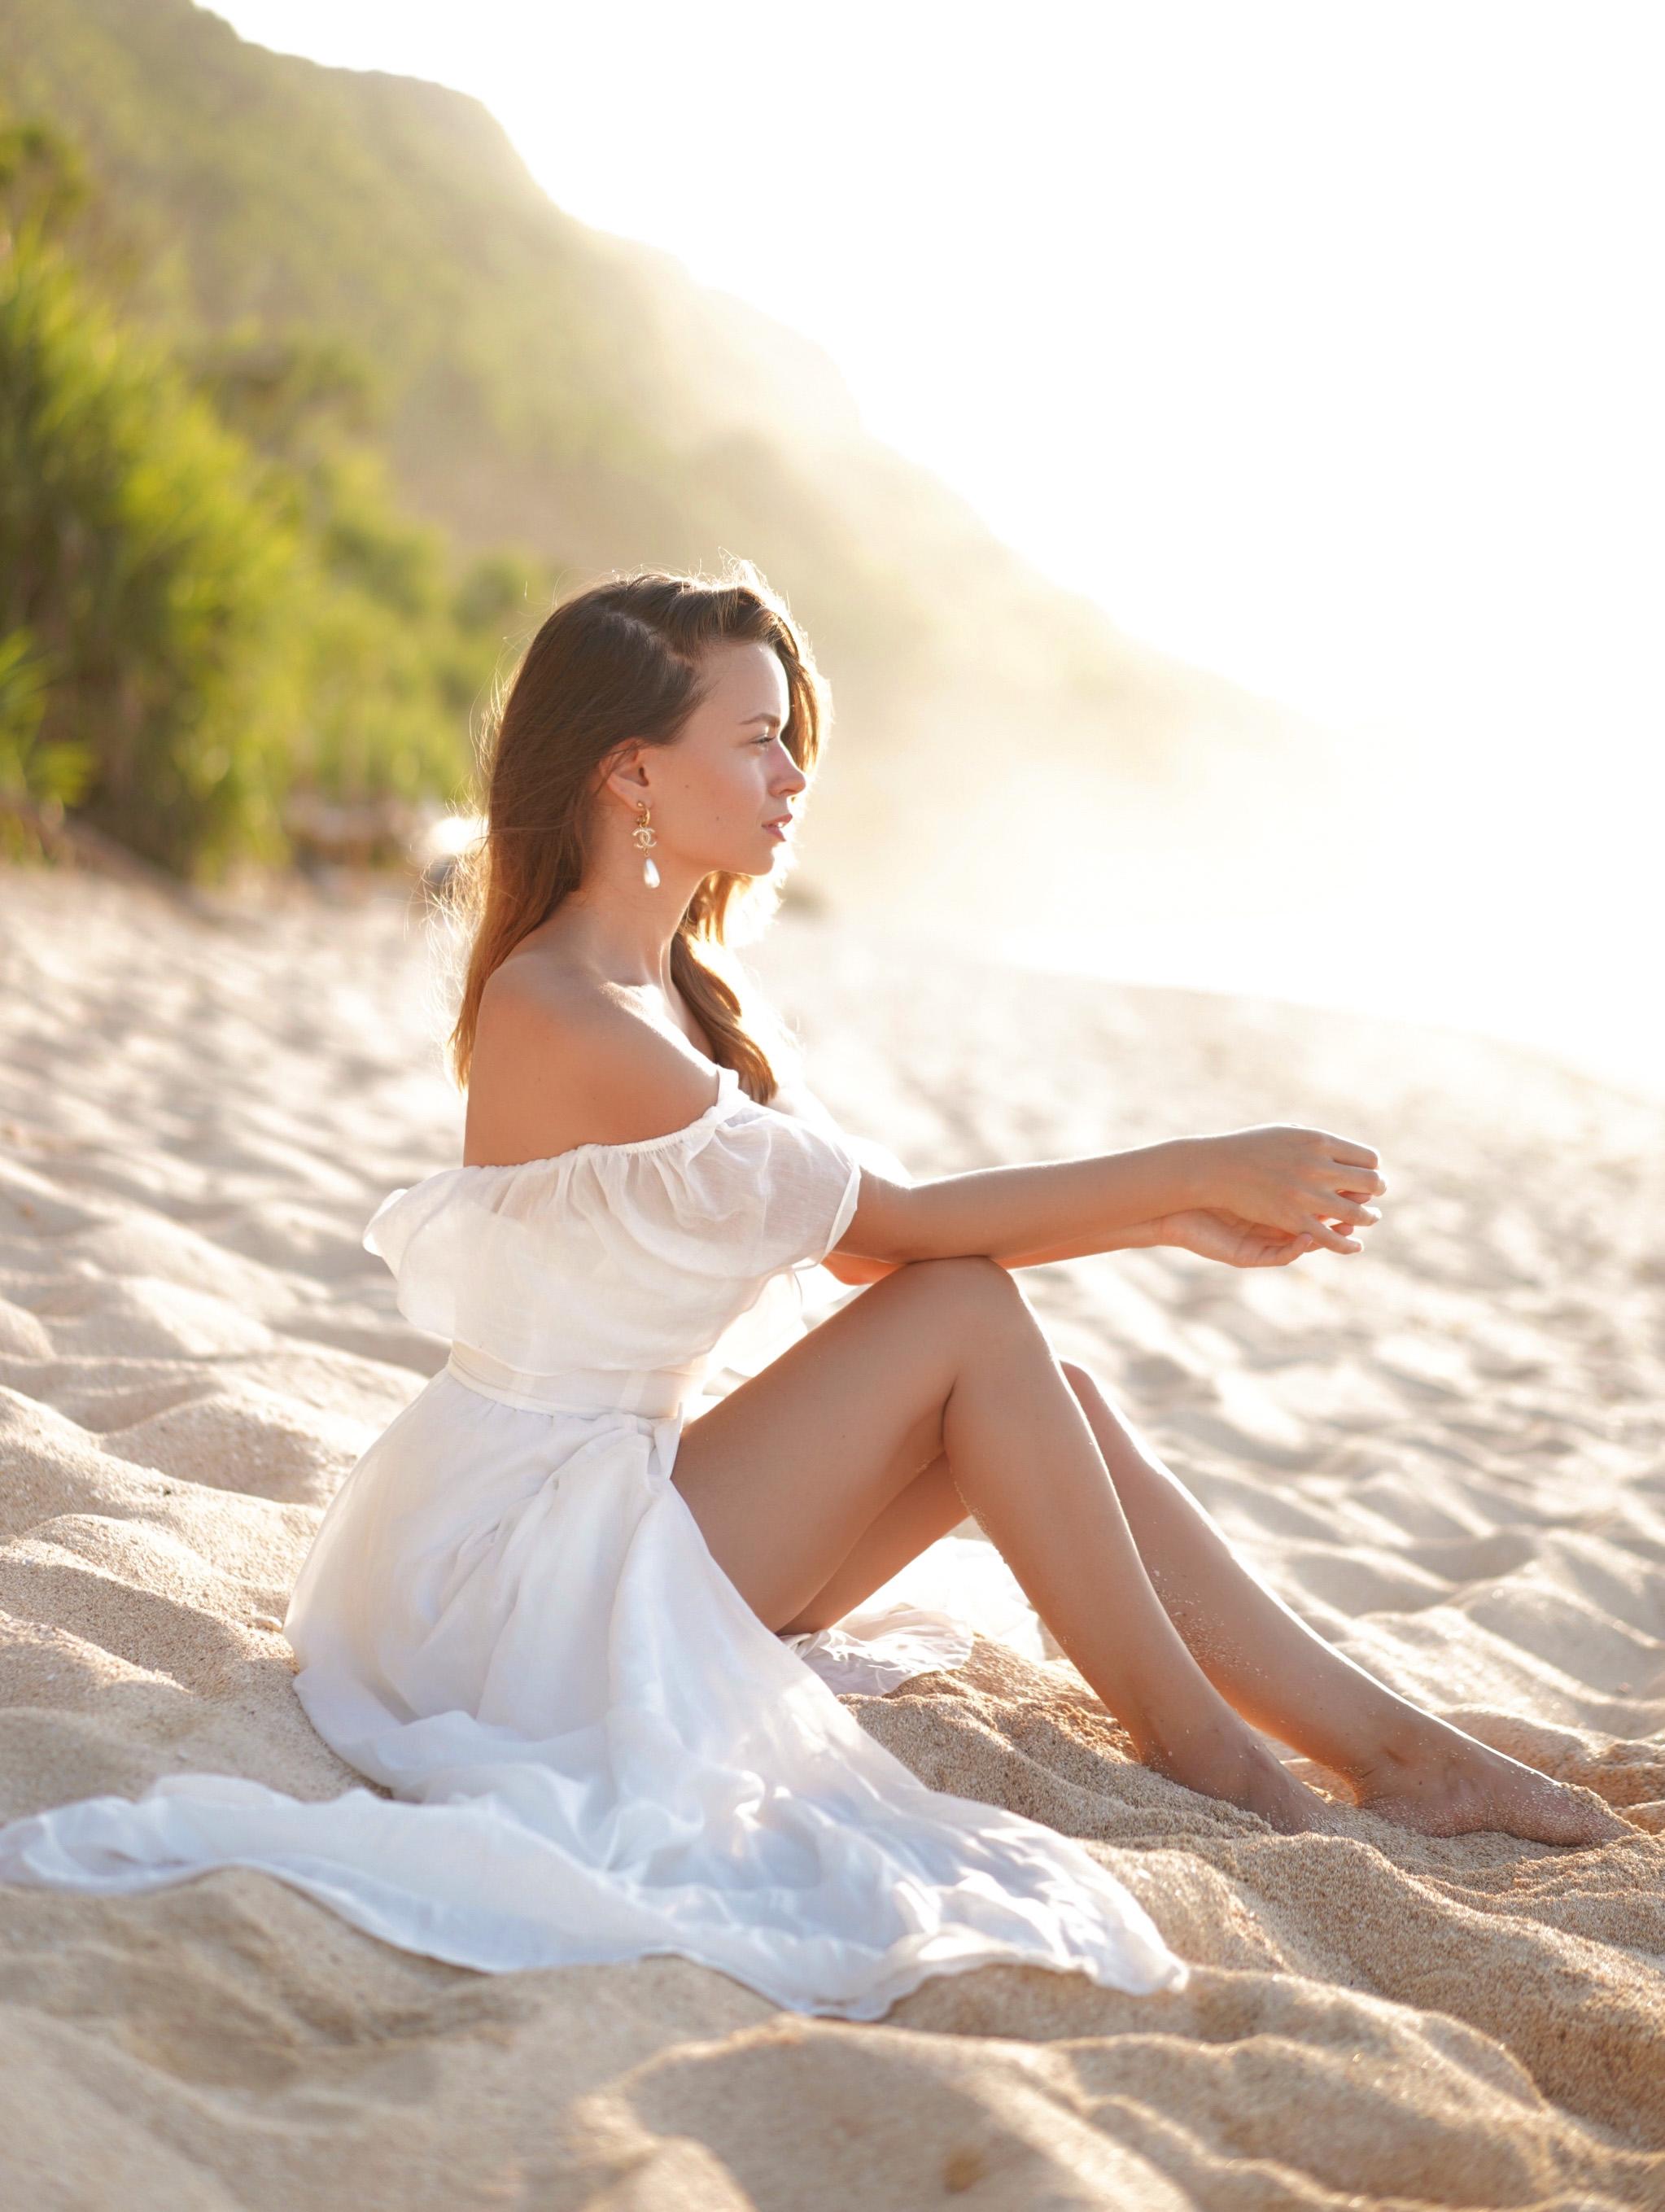 Медитация и эфир «Забрать себя из боли»